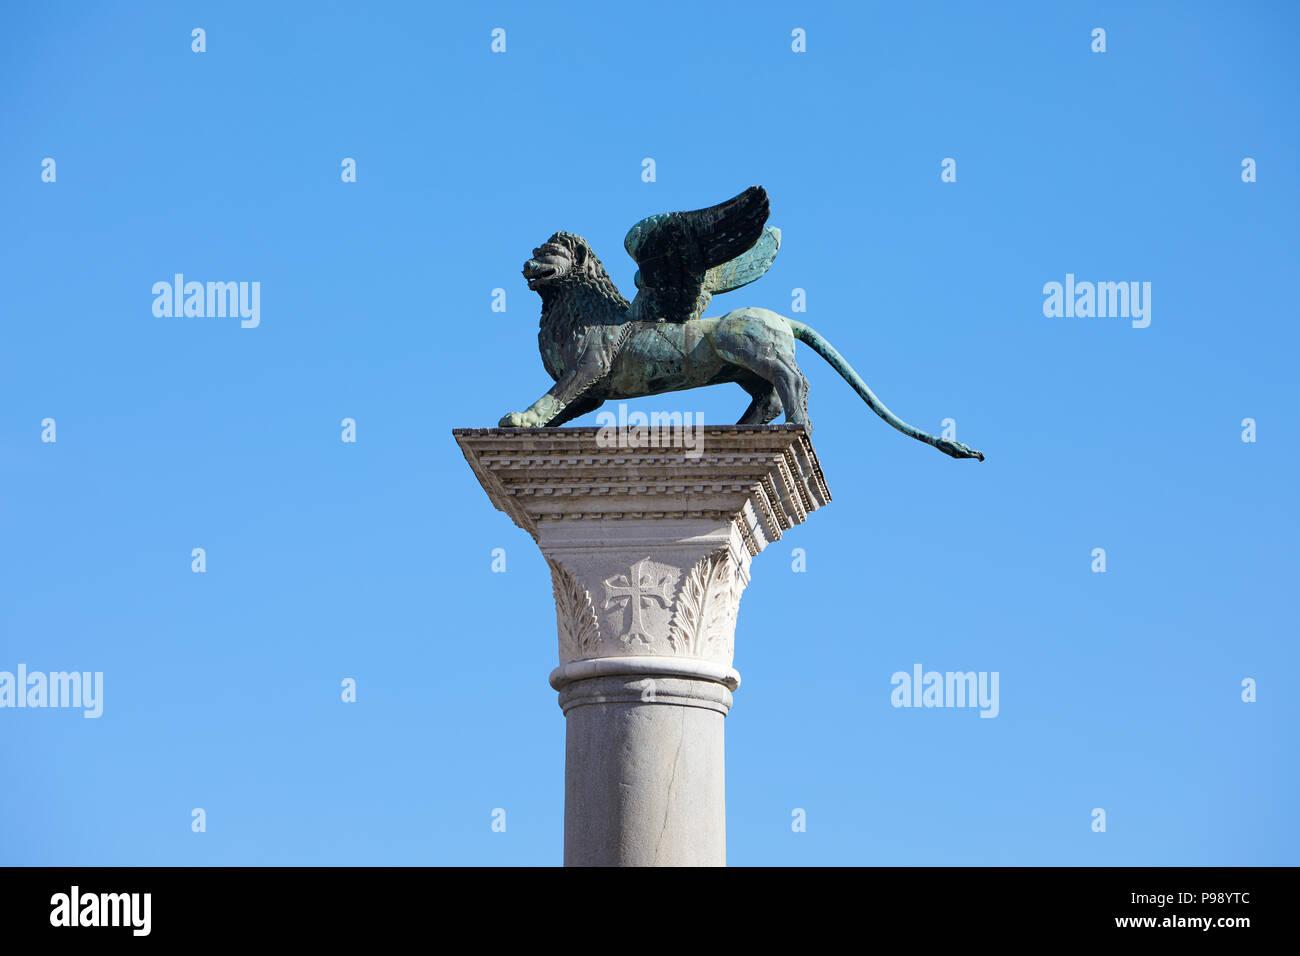 Statue de lion ailé, symbole de Venise en une journée ensoleillée, ciel bleu en Italie Photo Stock